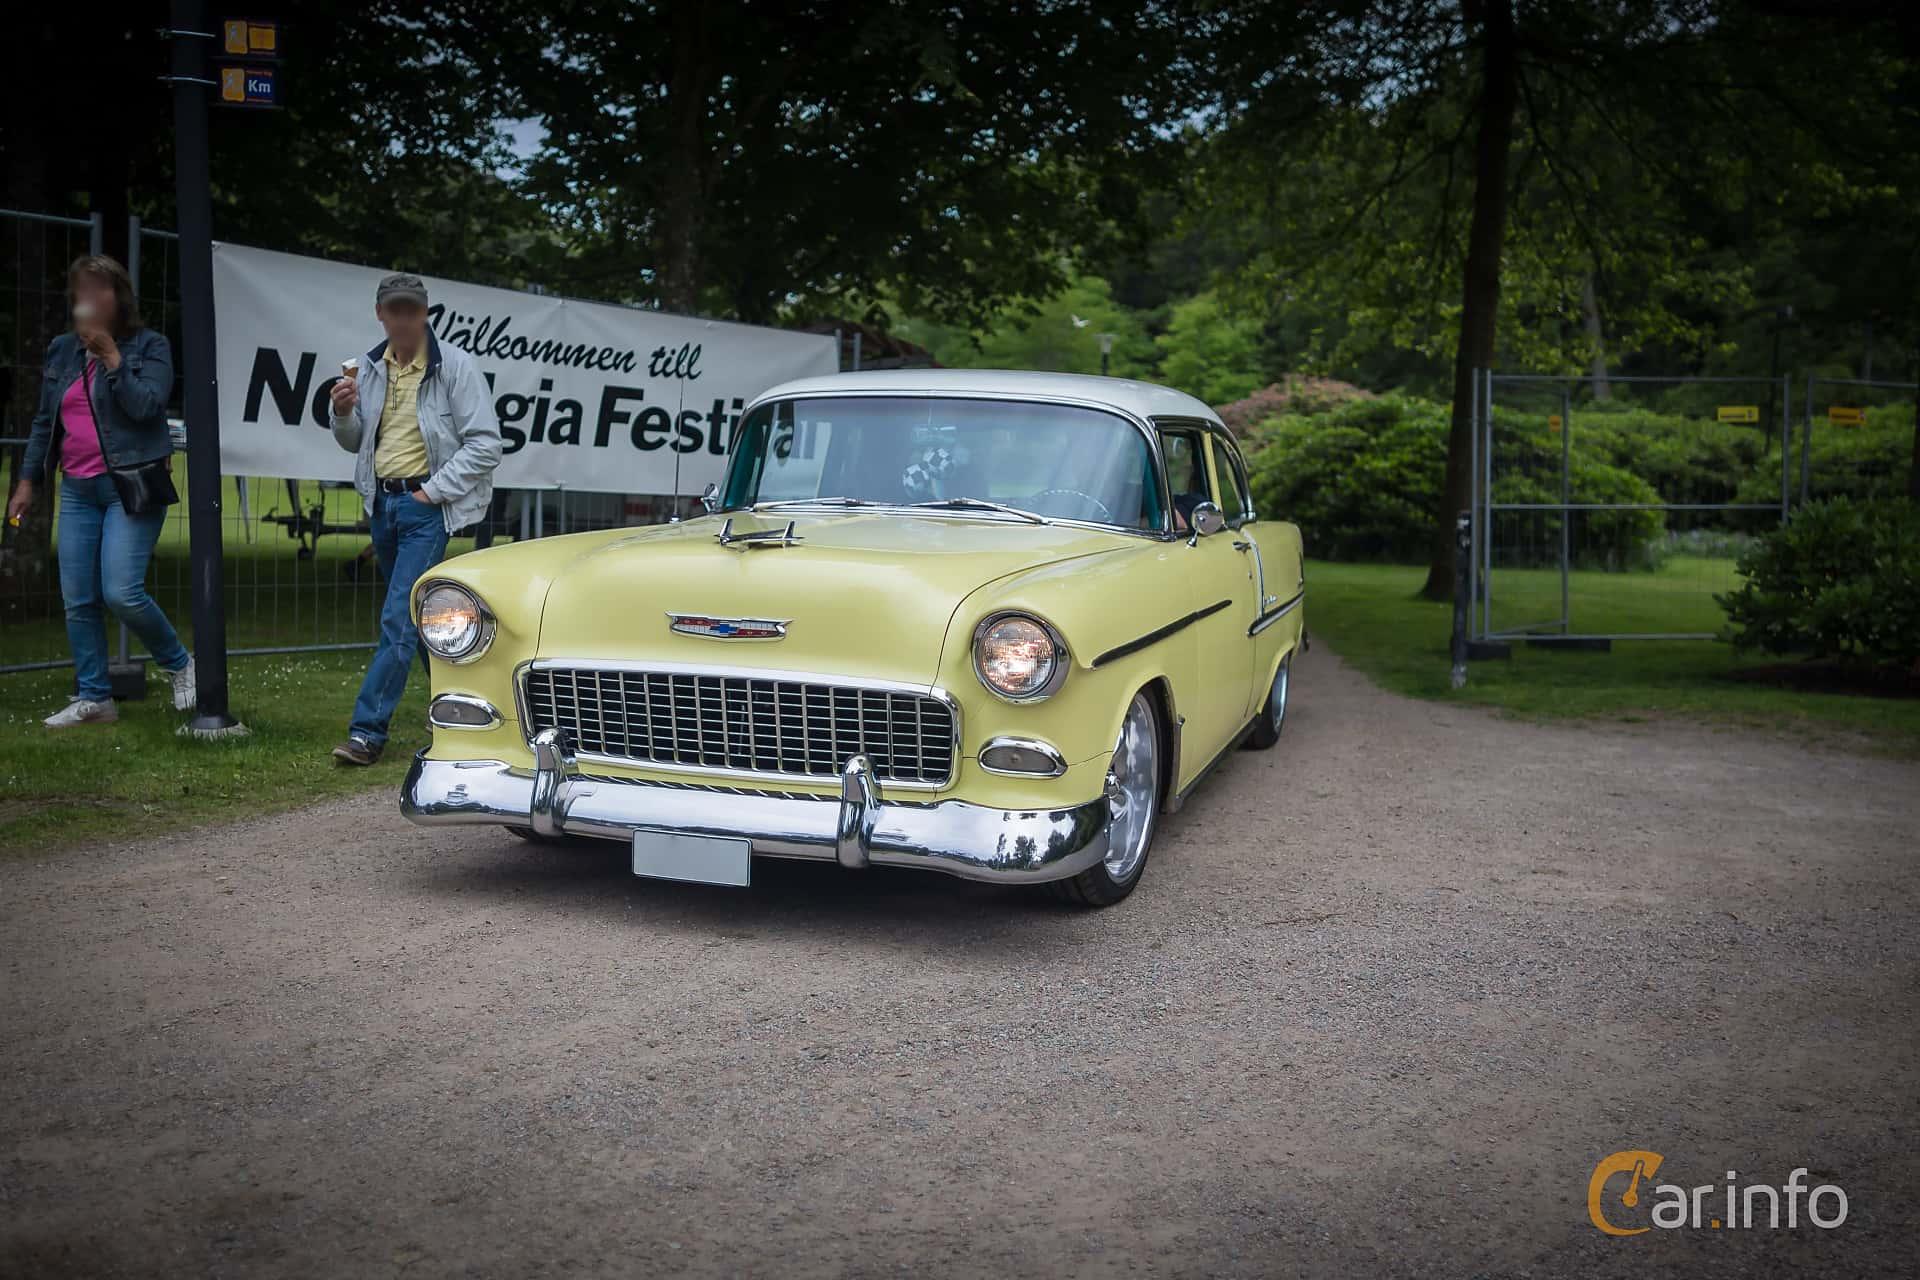 Chevrolet Bel Air 2-door Sedan 4.3 V8 Powerglide, 183hp, 1955 at Ronneby Nostalgia Festival 2015